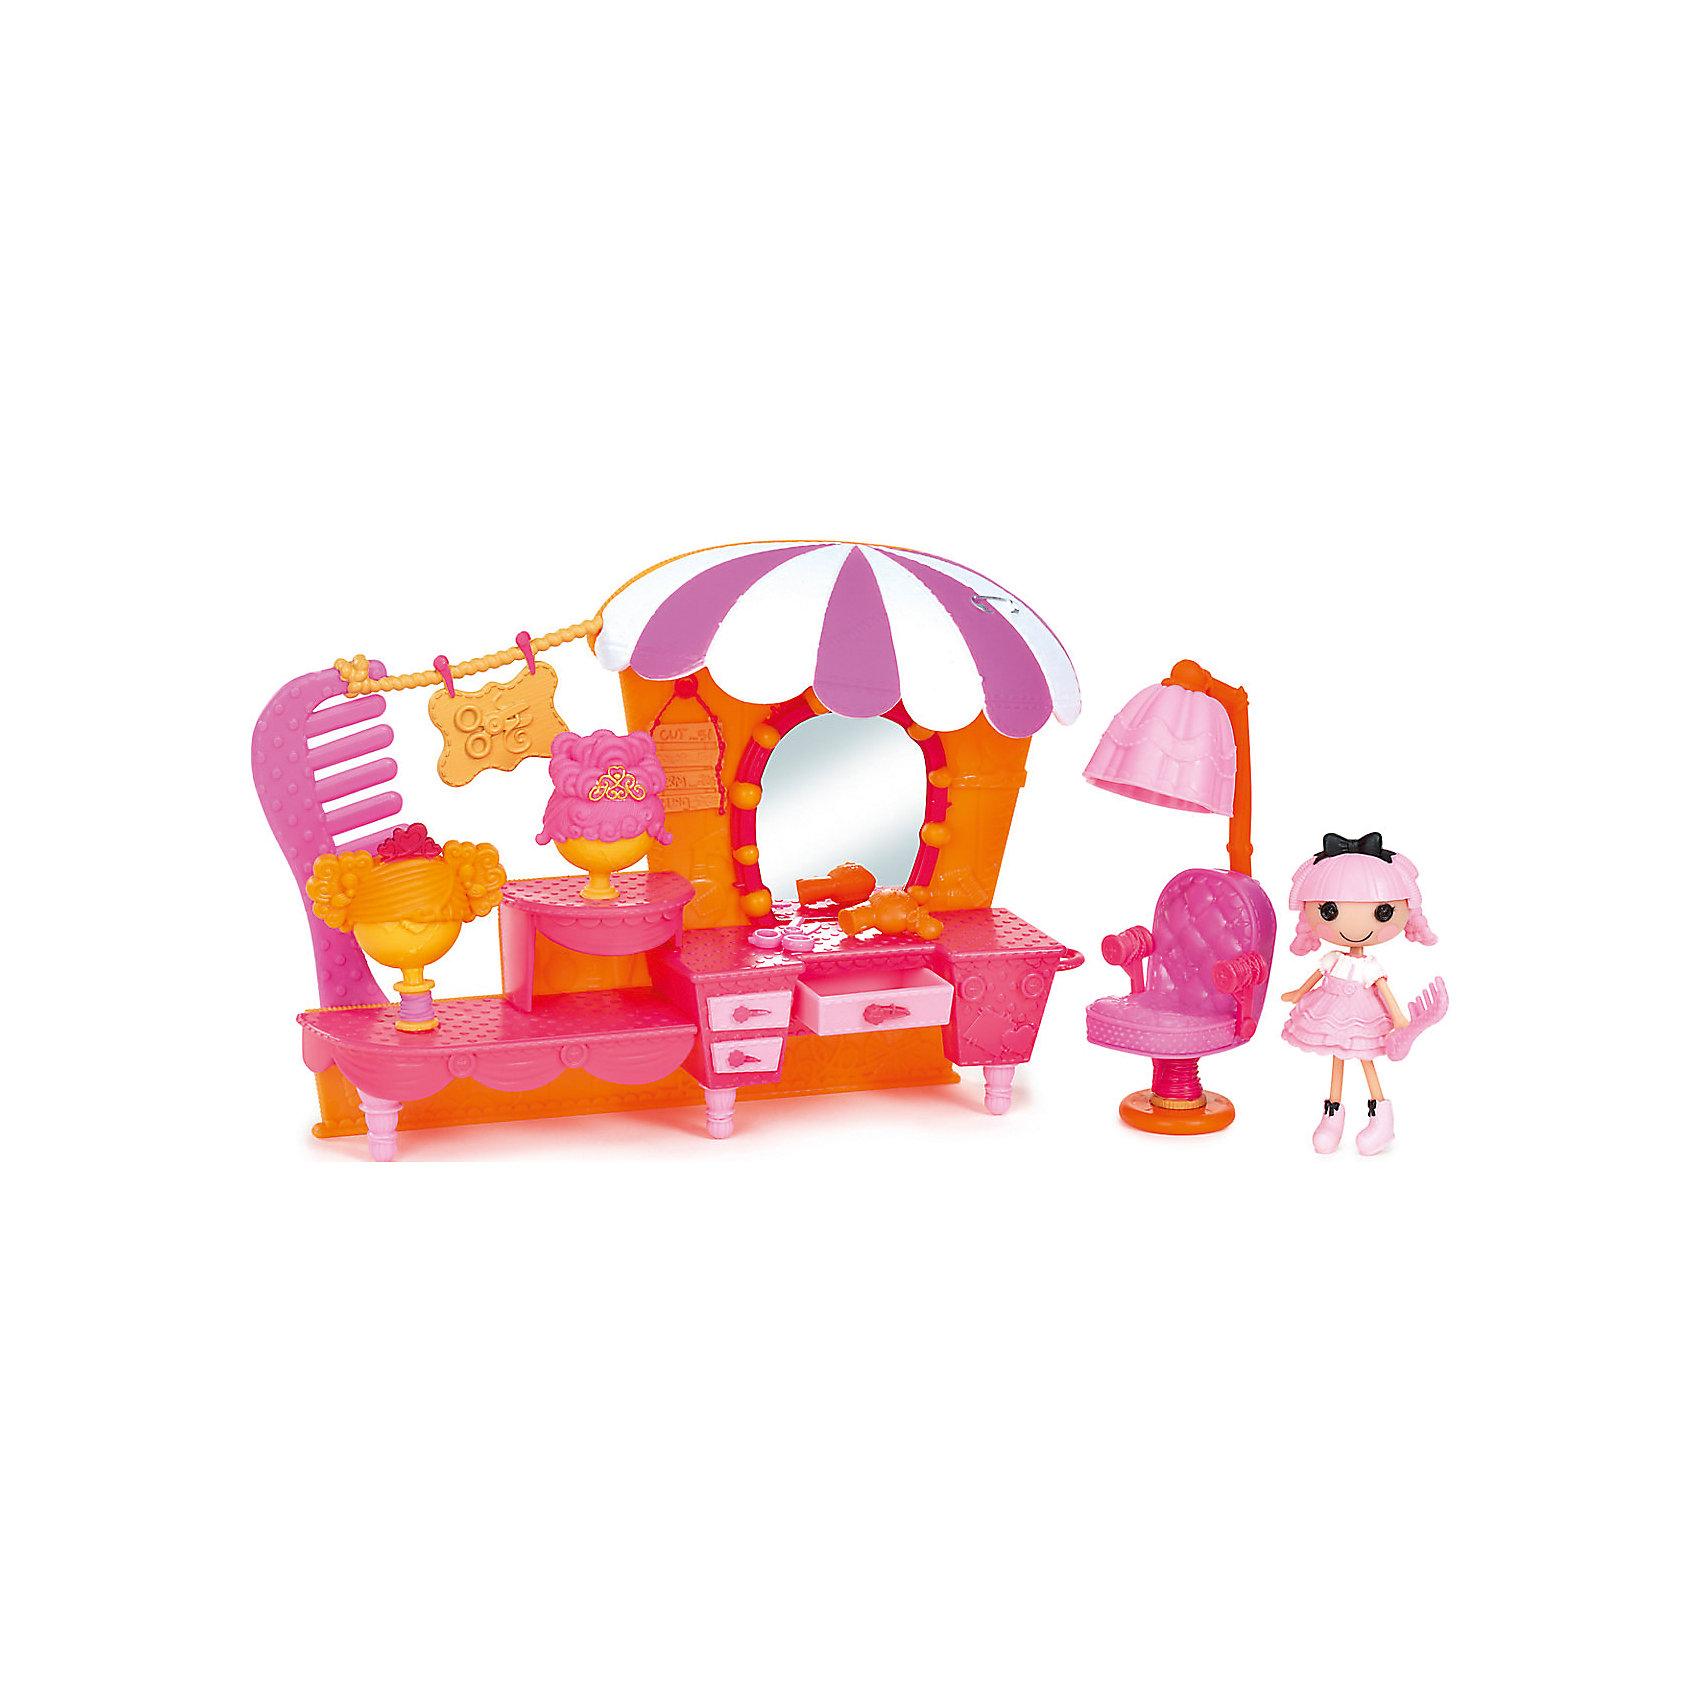 Набор Салон с интерьером, ЛалалупсиИгрушечные домики и замки<br>Характеристики товара:<br><br>- цвет: разноцветный;<br>- материал: пластик;<br>- подвижные части тела;<br>- комплектация: кукла, аксессуары, декорации;<br>- размер упаковки: 6x30x20 см.<br><br>Эти симпатичные куклы Мини-Лалалупси от известного бренда не оставят девочку равнодушной! Какая девочка сможет отказаться поиграть с куклами, которых можно переодевать и менять им прически благодаря набору аксессуаров?! В комплект входят наряды и декорации для игр с куклой. Игрушка очень качественно выполнена, поэтому она станет замечательным подарком ребенку. <br>Продается набор в красивой удобной упаковке. Изделие произведено из высококачественного материала, безопасного для детей.<br><br>Набор Салон с интерьером, Лалалупси, можно купить в нашем интернет-магазине.<br><br>Ширина мм: 300<br>Глубина мм: 210<br>Высота мм: 70<br>Вес г: 500<br>Возраст от месяцев: 36<br>Возраст до месяцев: 2147483647<br>Пол: Женский<br>Возраст: Детский<br>SKU: 5094053